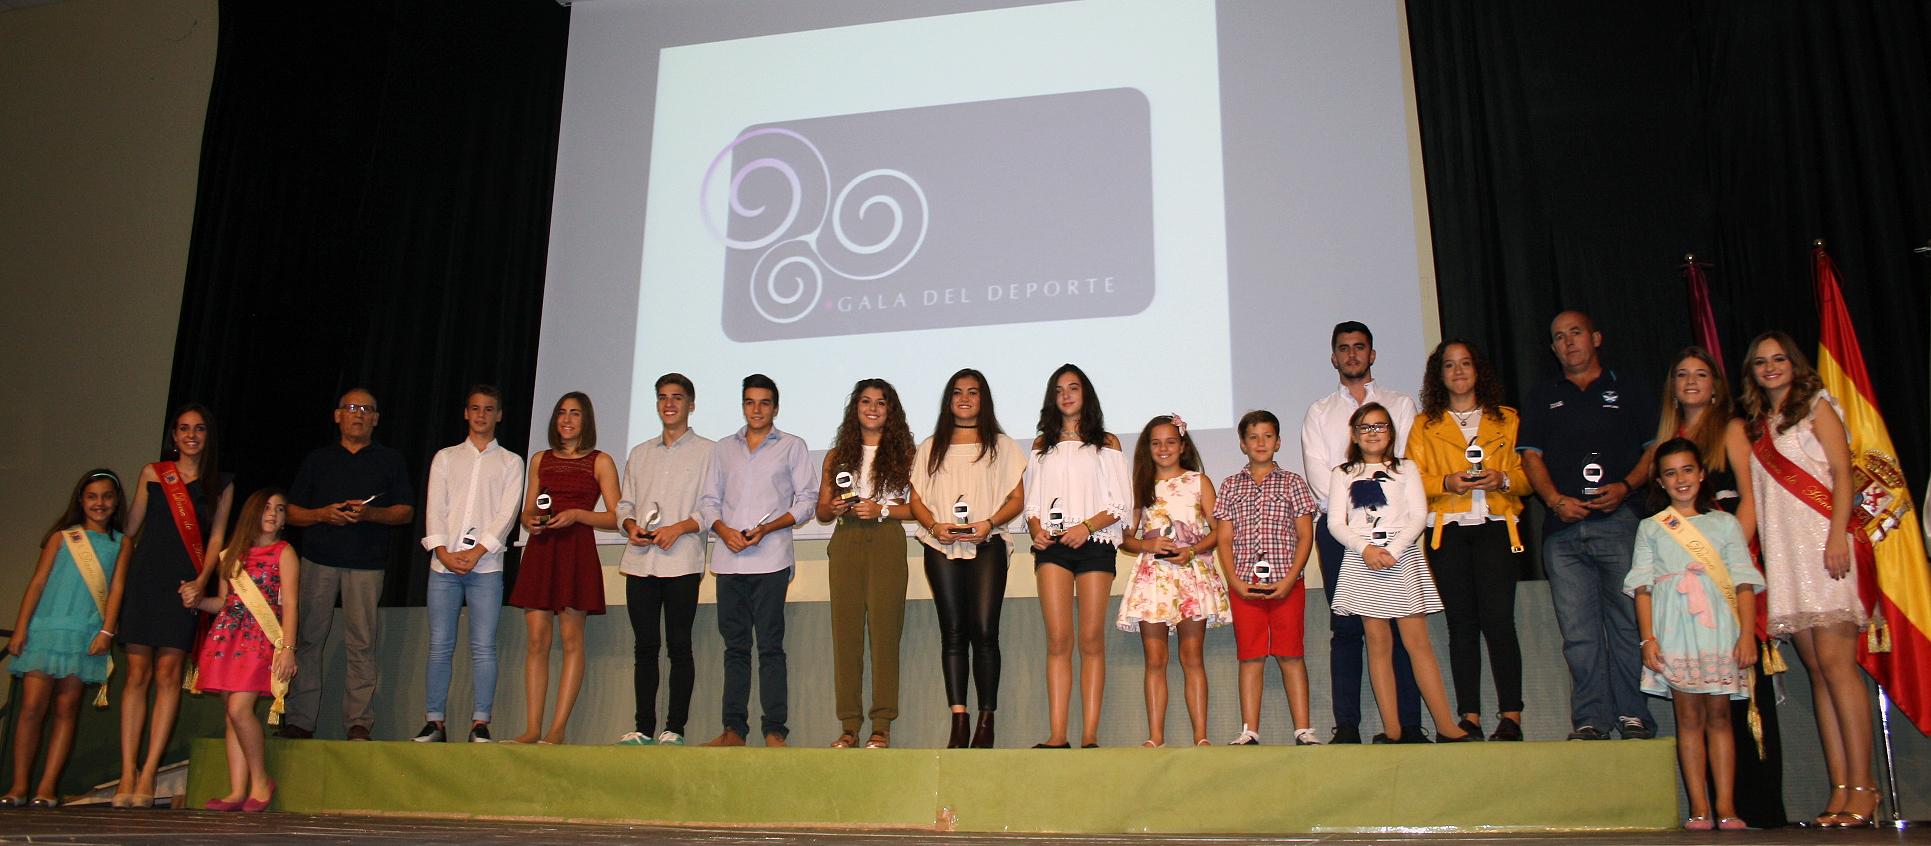 Gala 2016, Natación